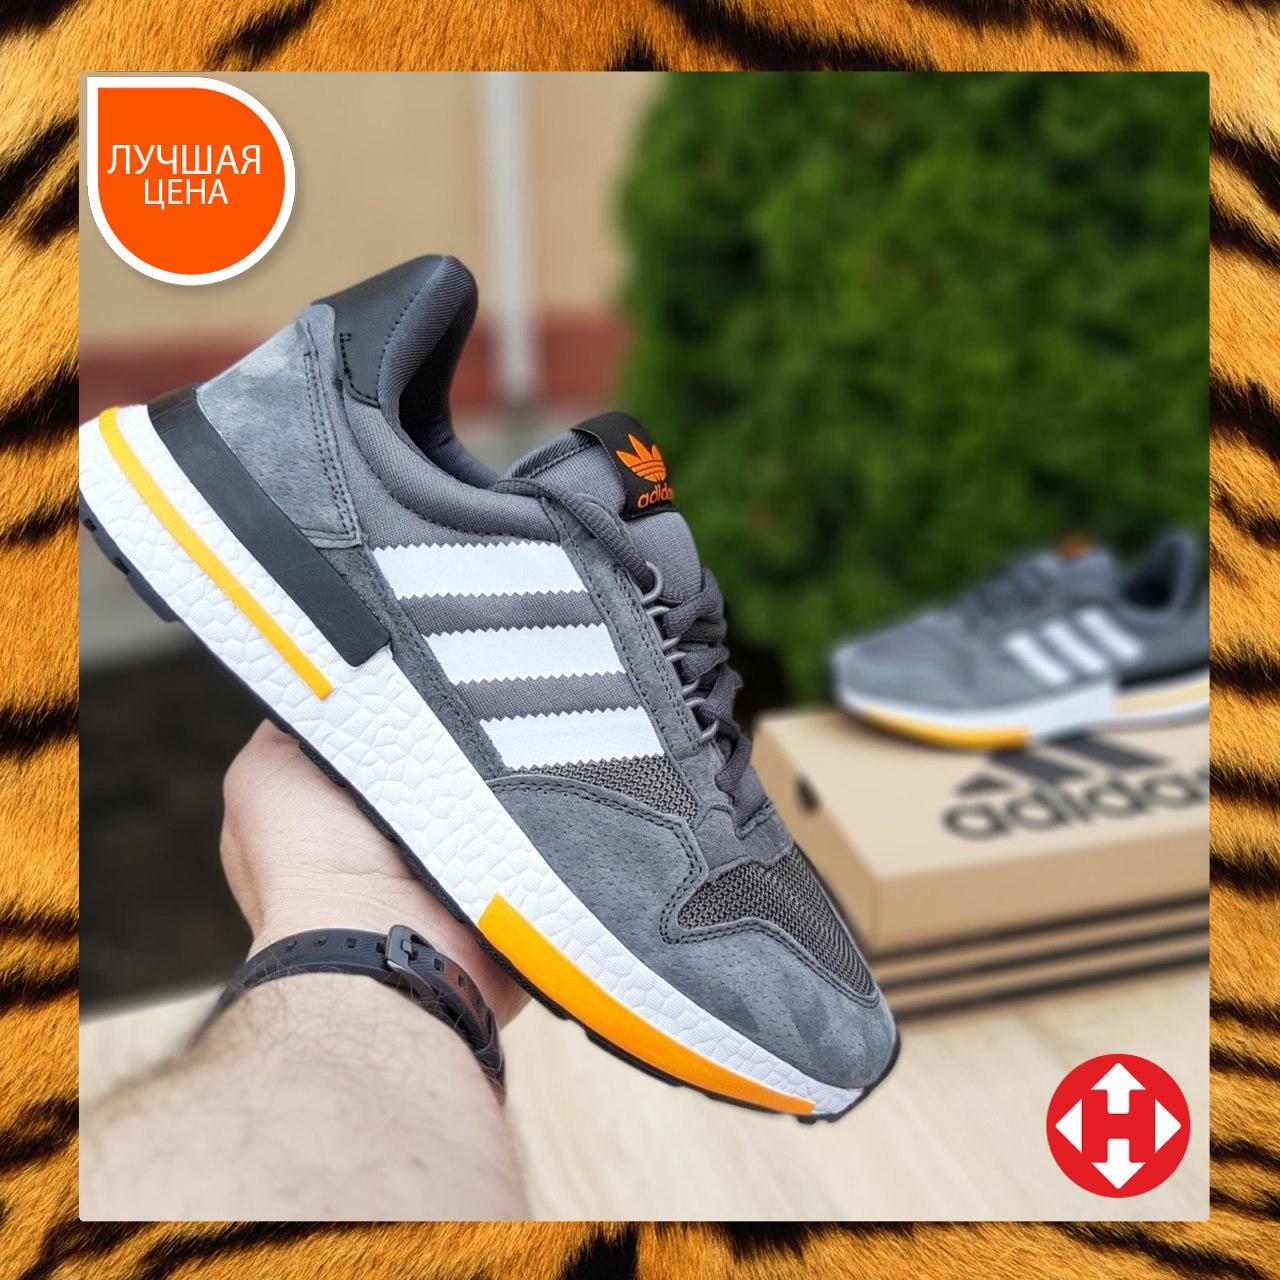 🔥 Мужские кроссовки спортивные повседневные Adidas ZX 500 серые с оранжевым сетка/замша